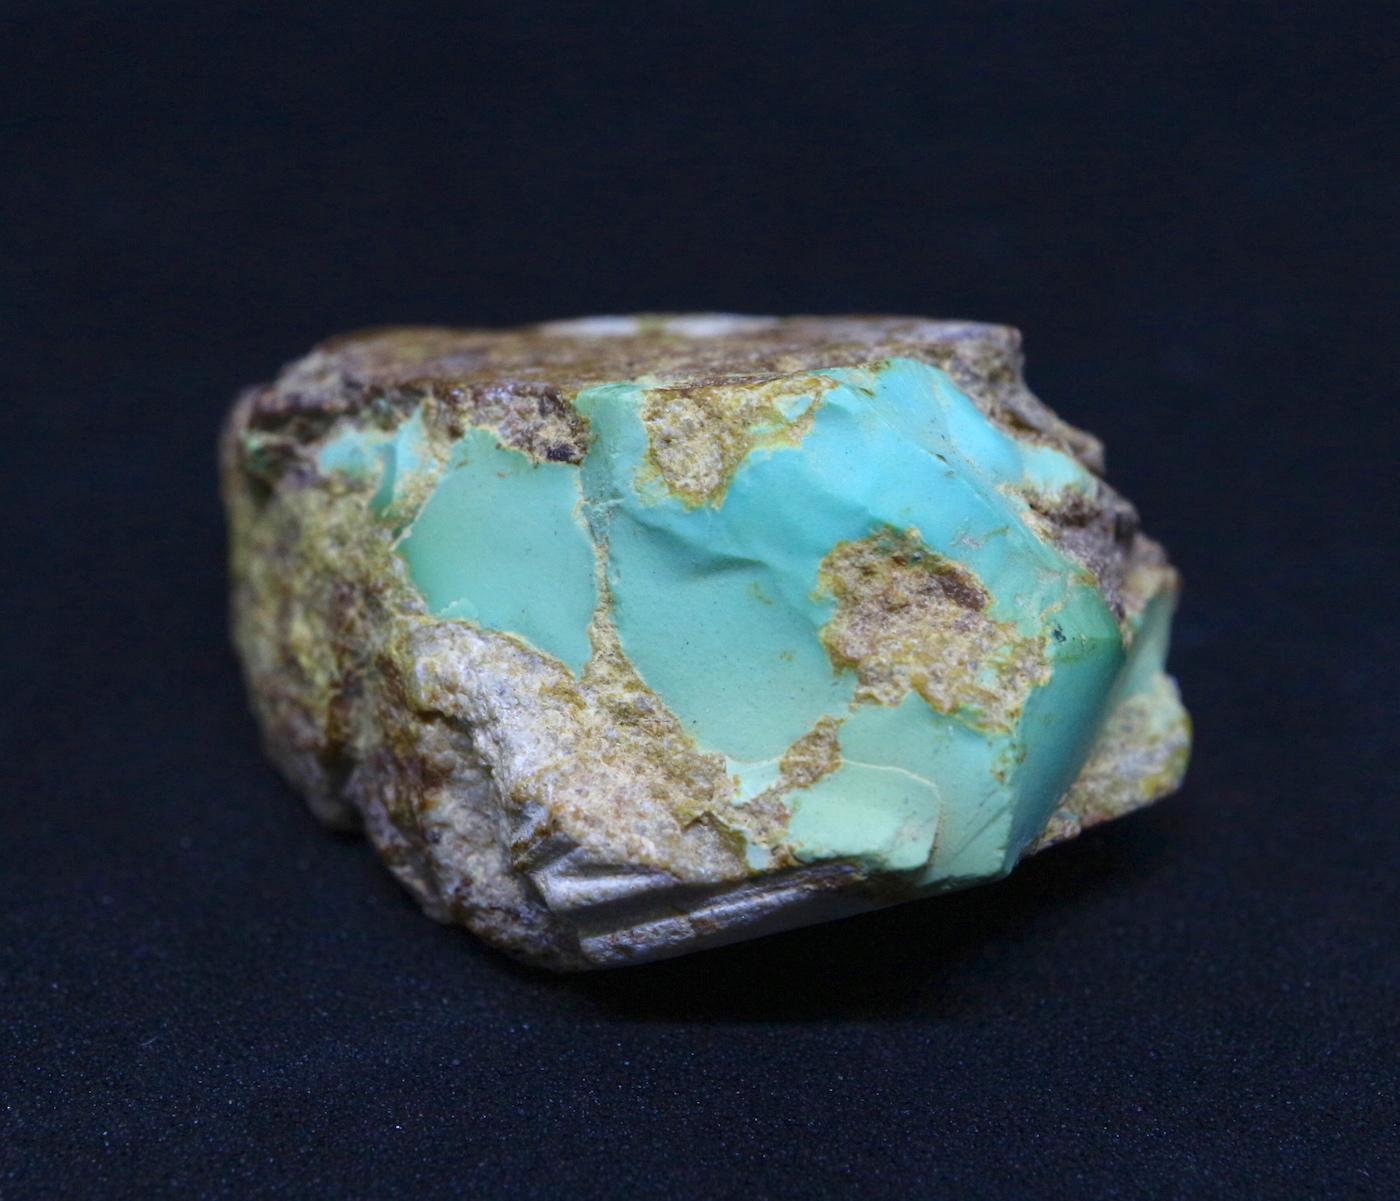 ロイストーンターコイズ Turquoise 原石 ネバタ州産 13,3g TQ109